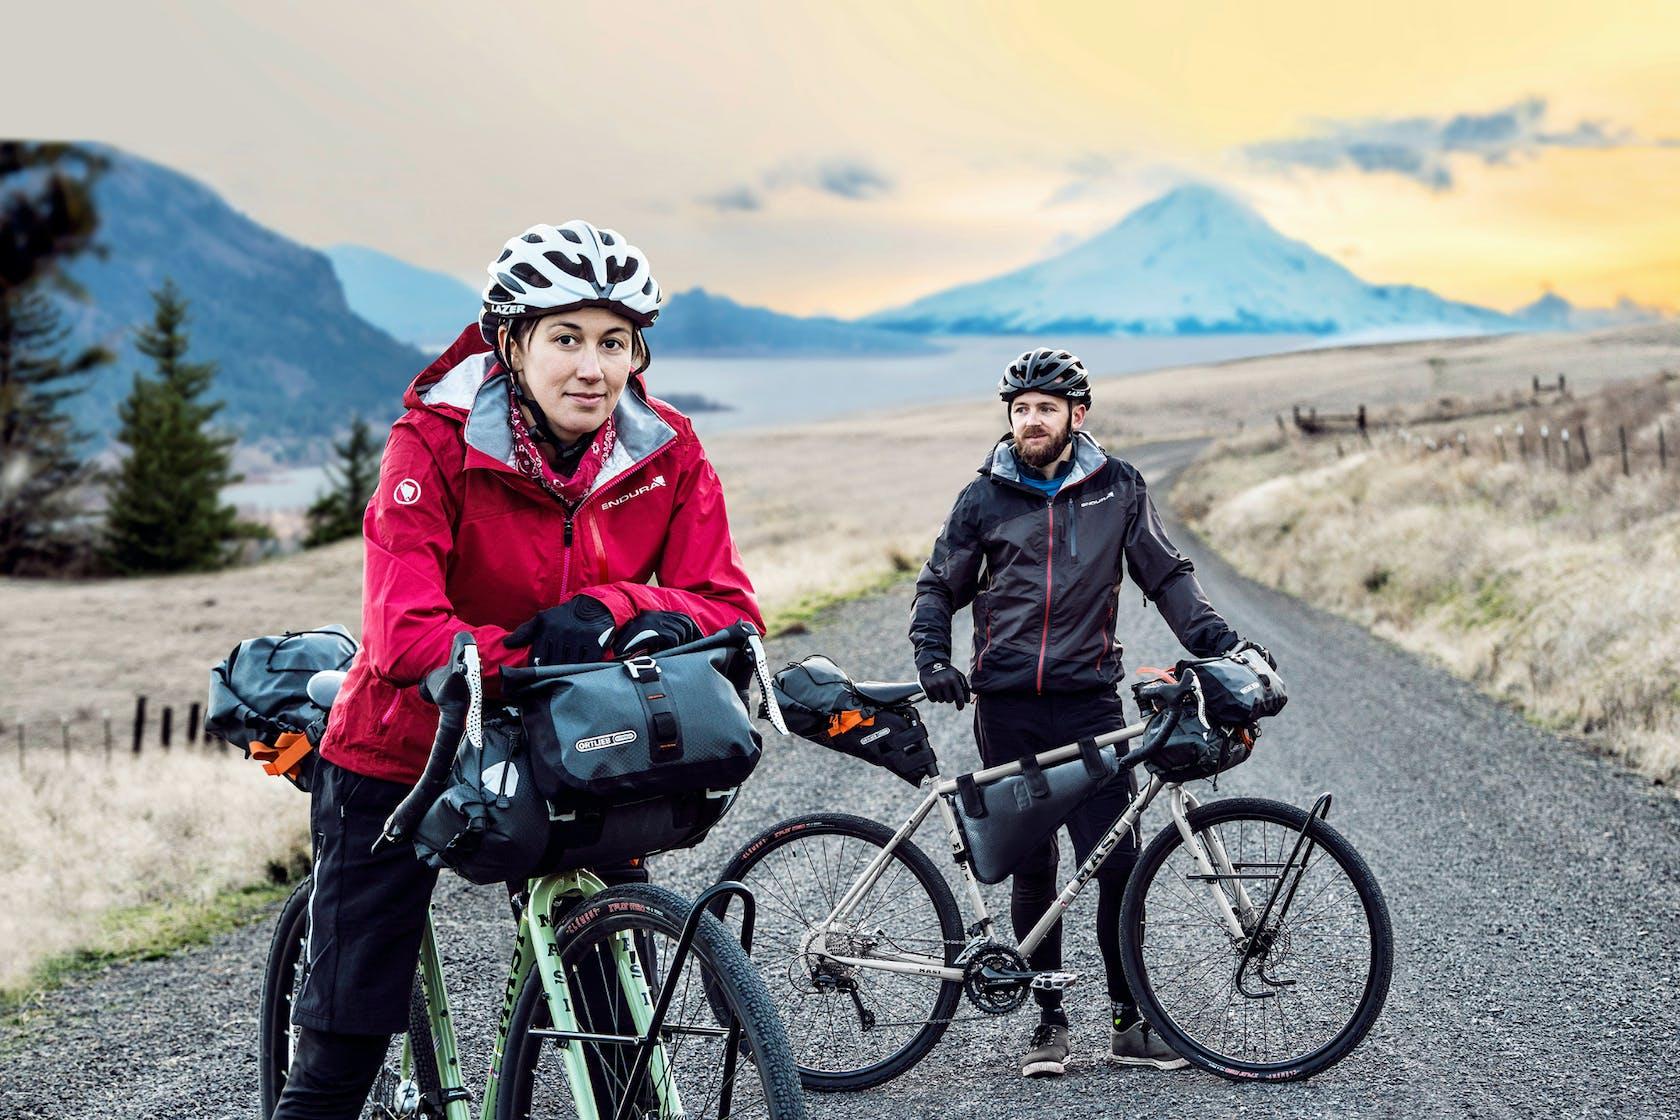 Trekking- & Reiserad Onlineshop